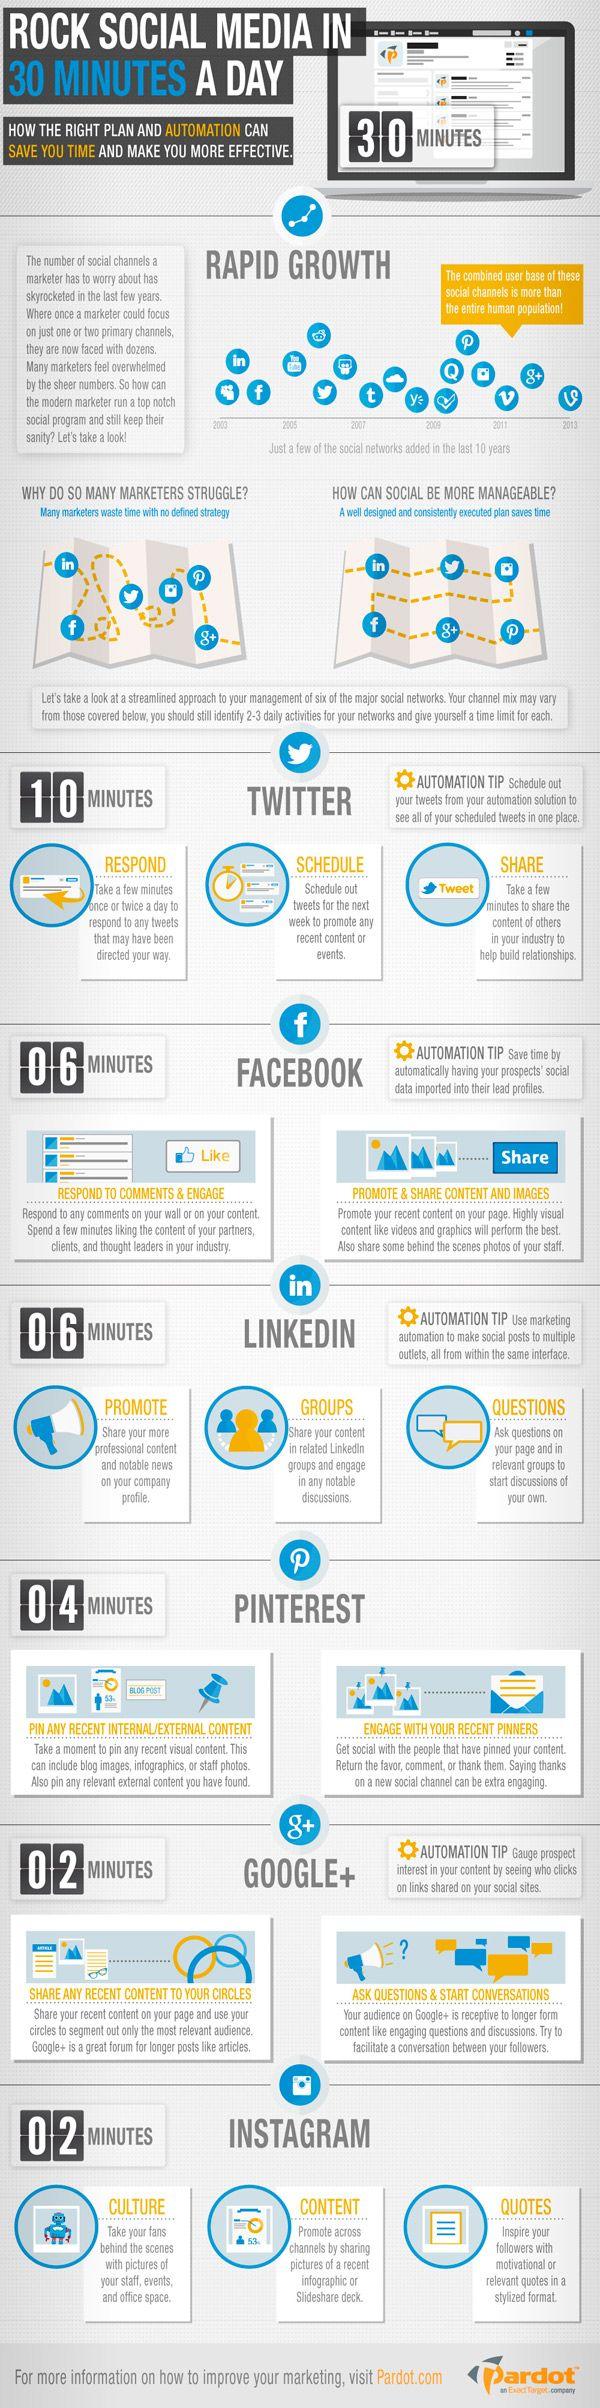 30 Minutos al Día para Gestionar Social Media / Rock Social Media in 30 Minutes a Day